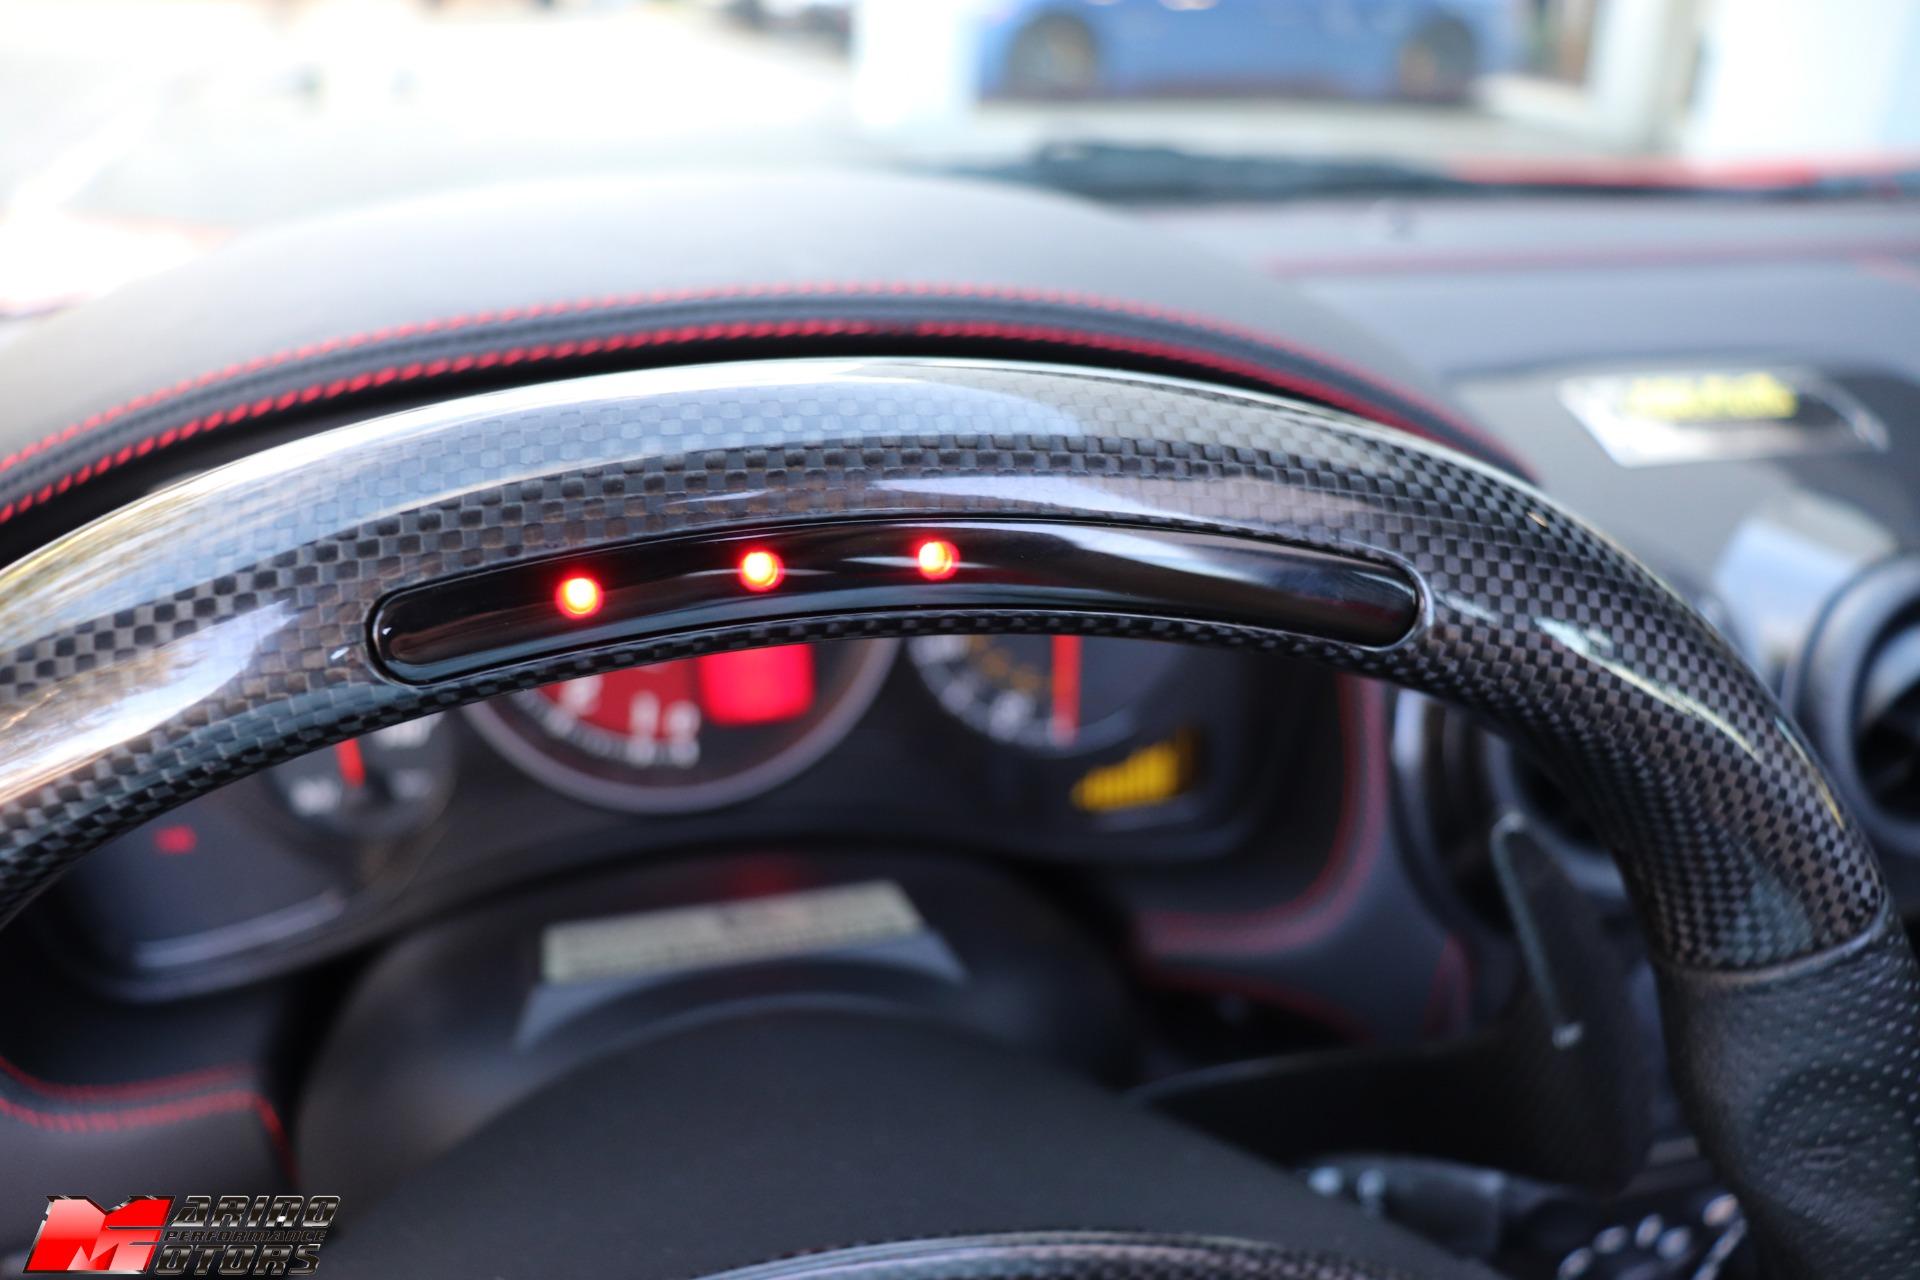 Used-2009-Ferrari-430-Scuderia-Spider-16M